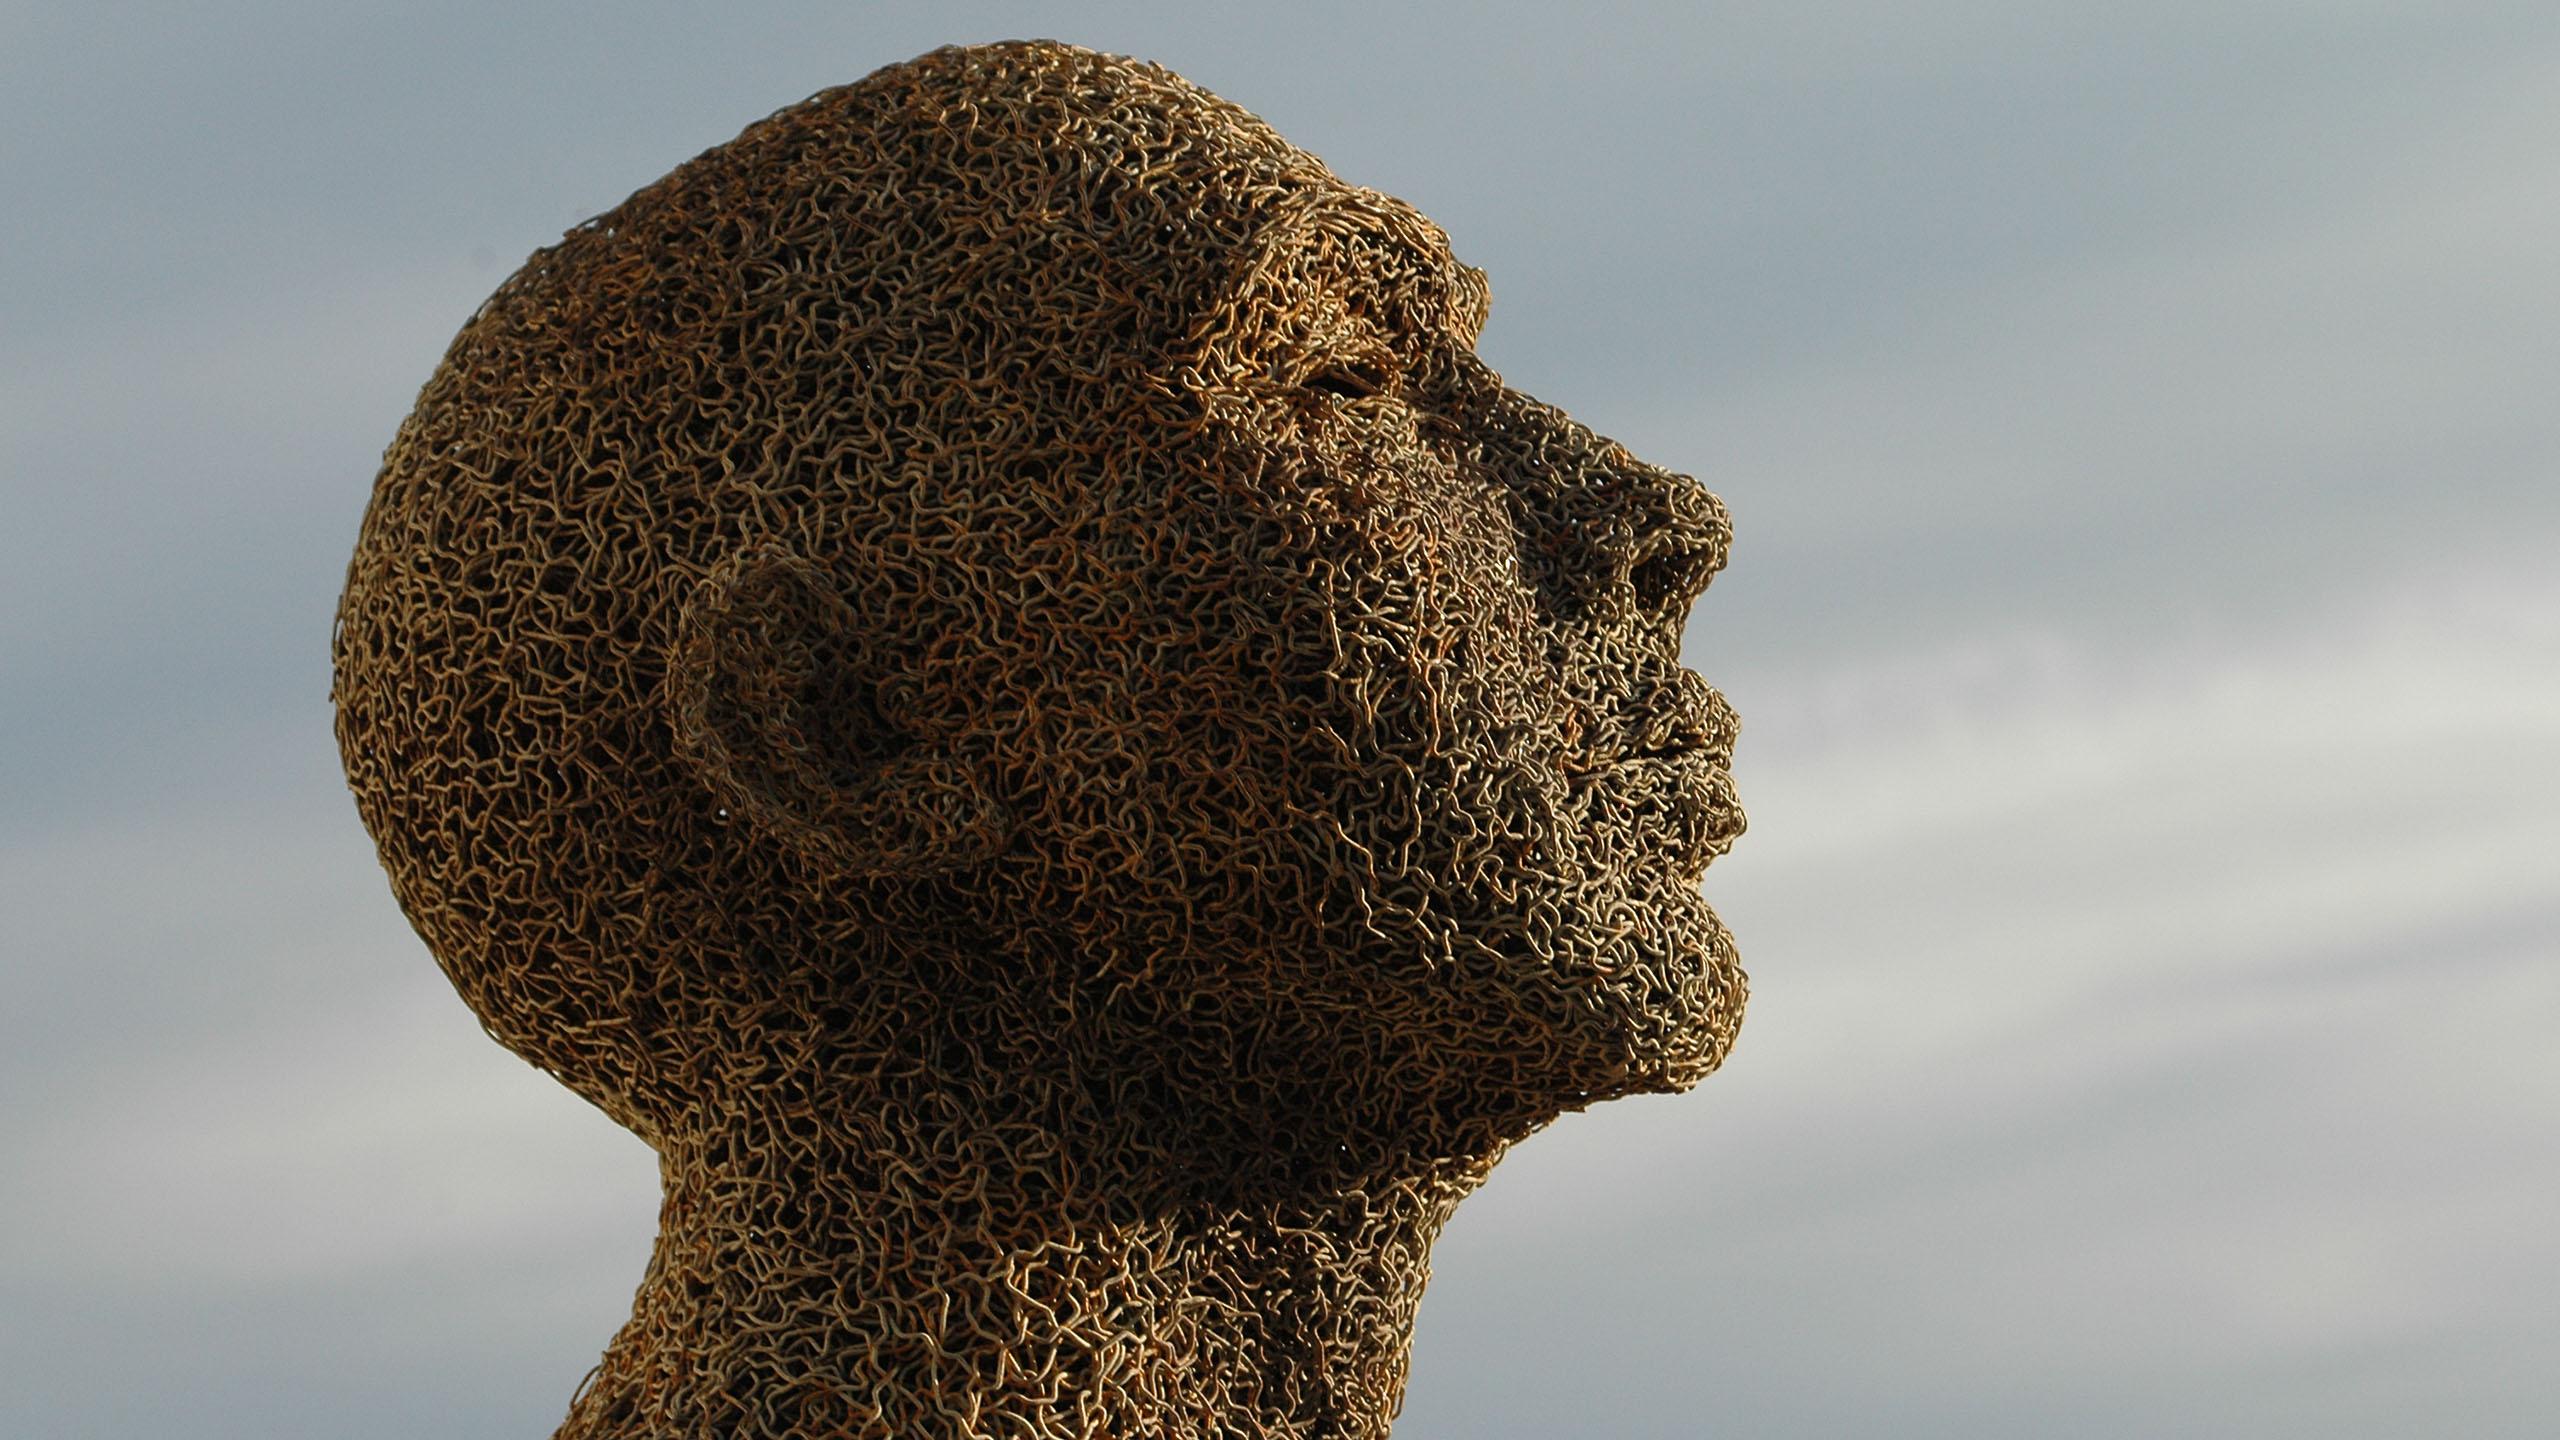 mattia-trotta-artista-scultore-arte-sacra-sculture-su-commissione-in-filo-metallico-ferro-bronzo-acciaio-alluminio-2